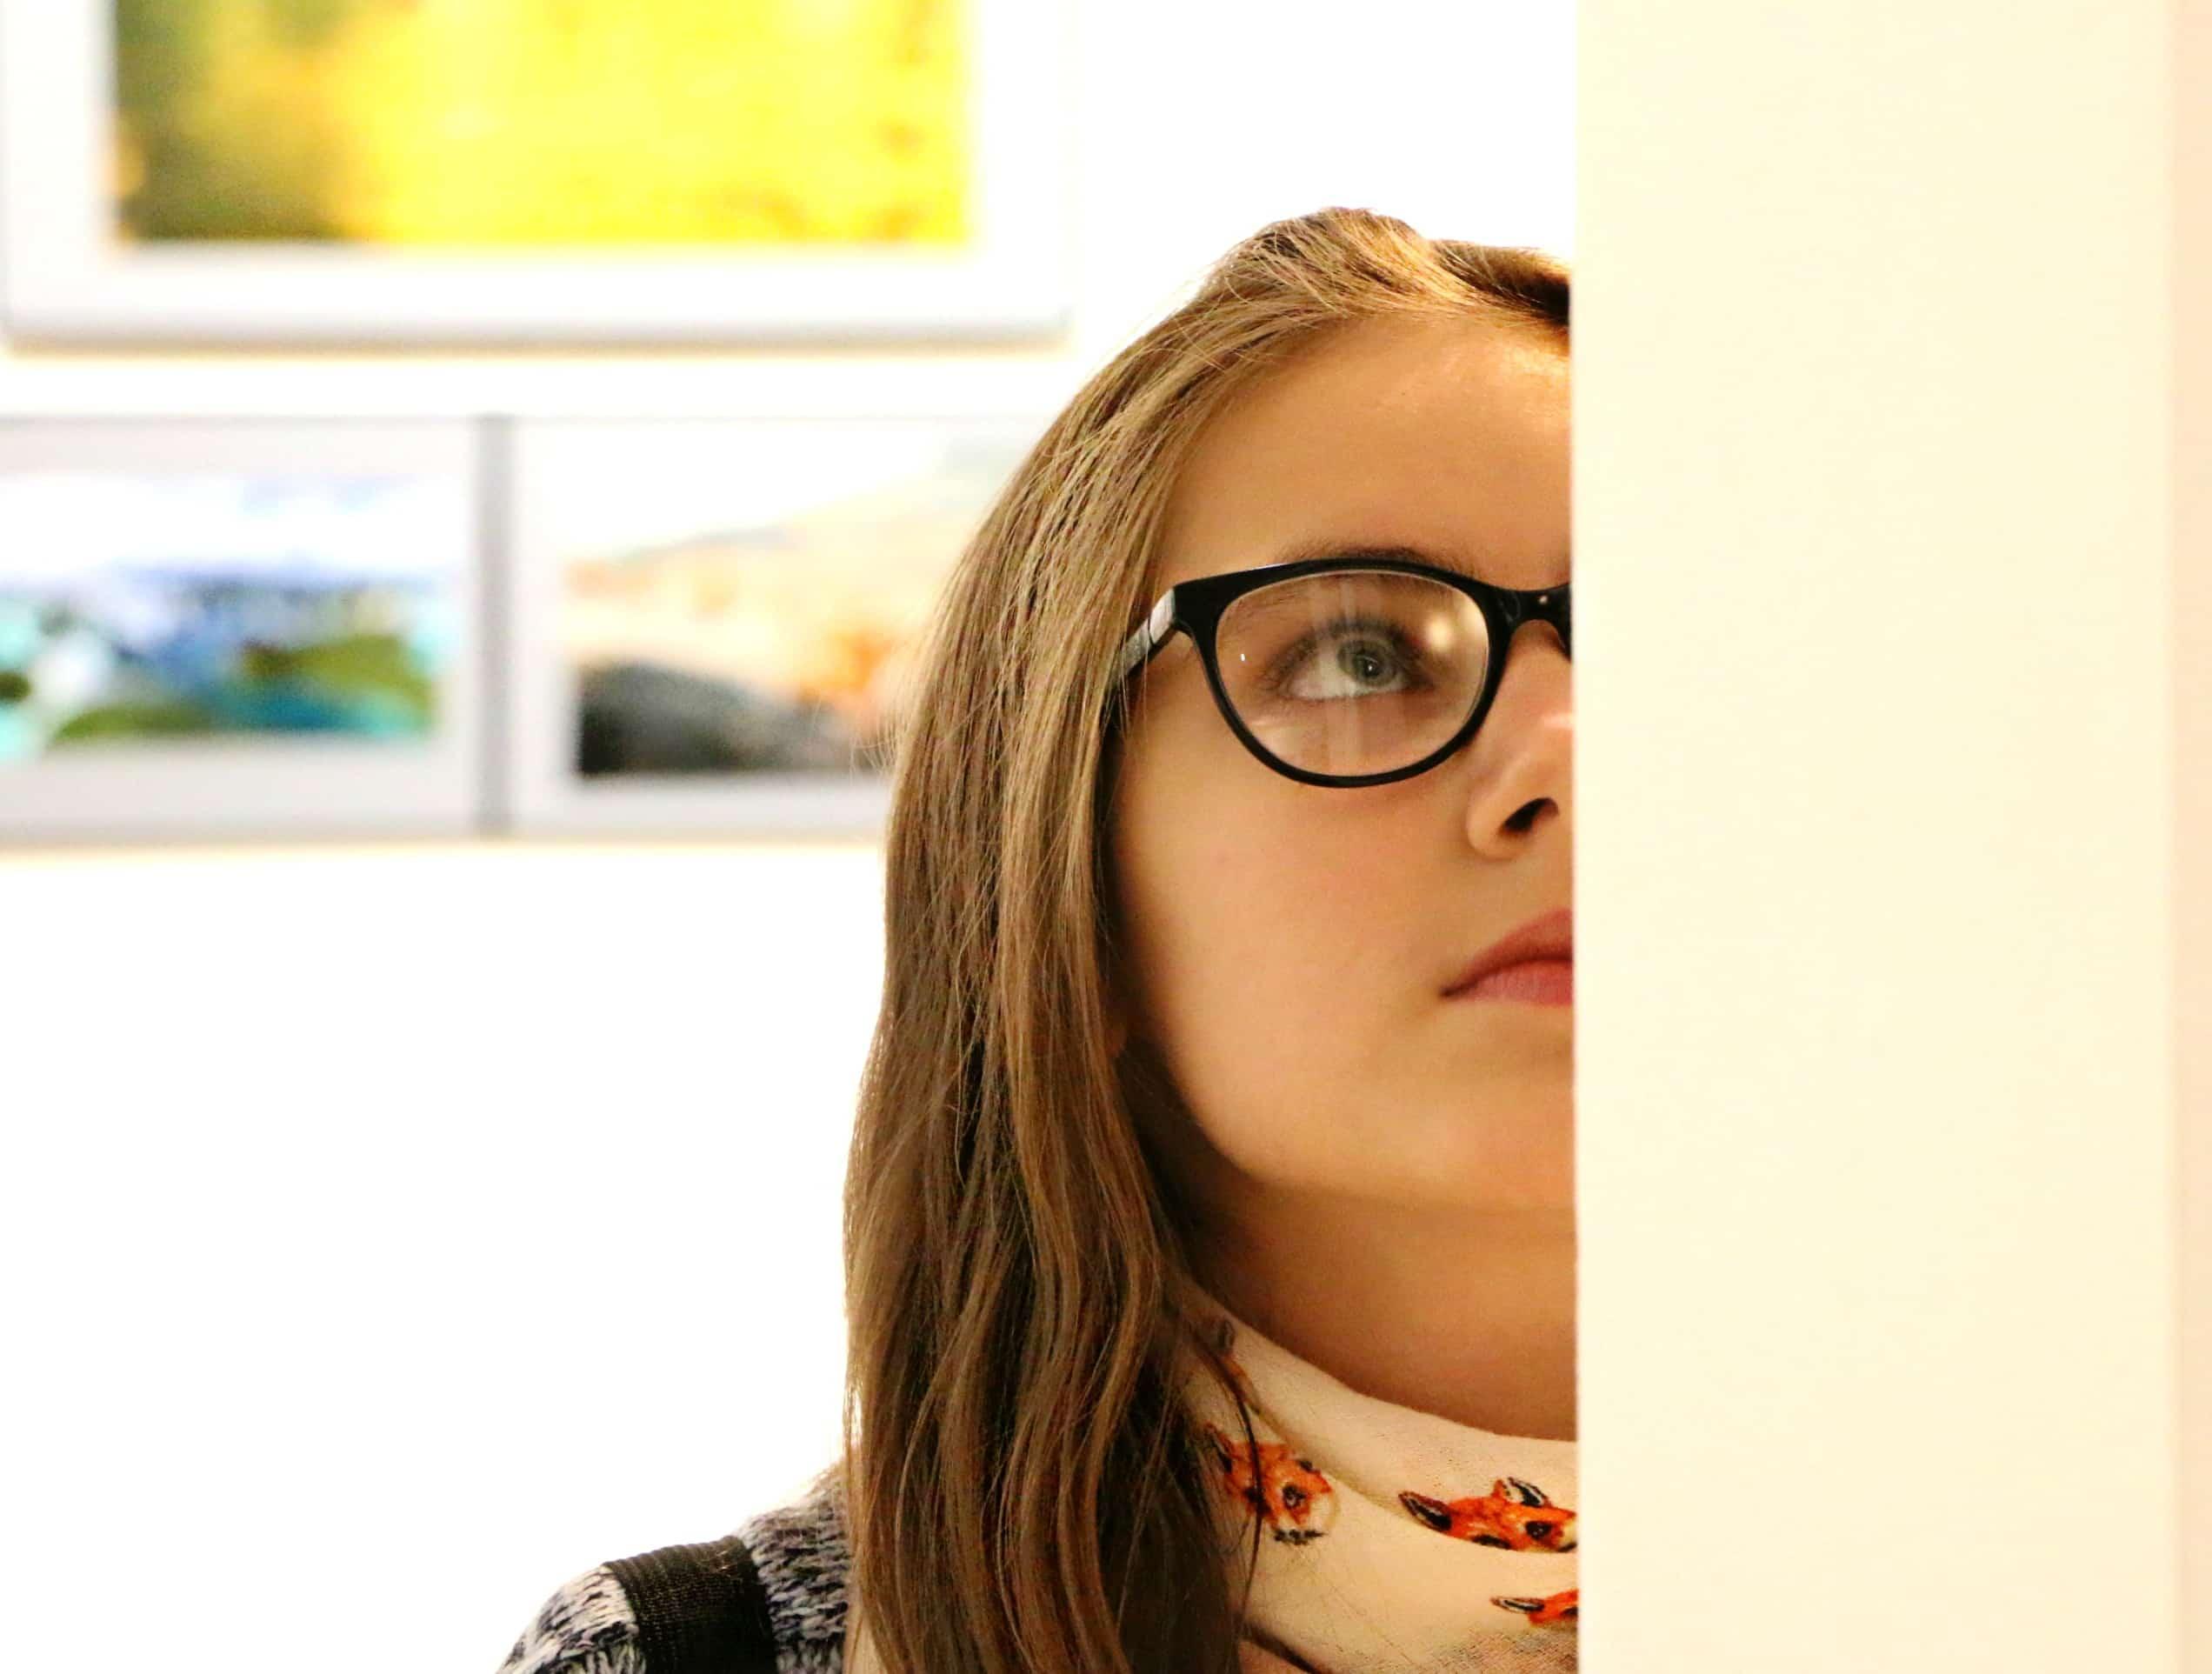 美術館で絵を観る女の子